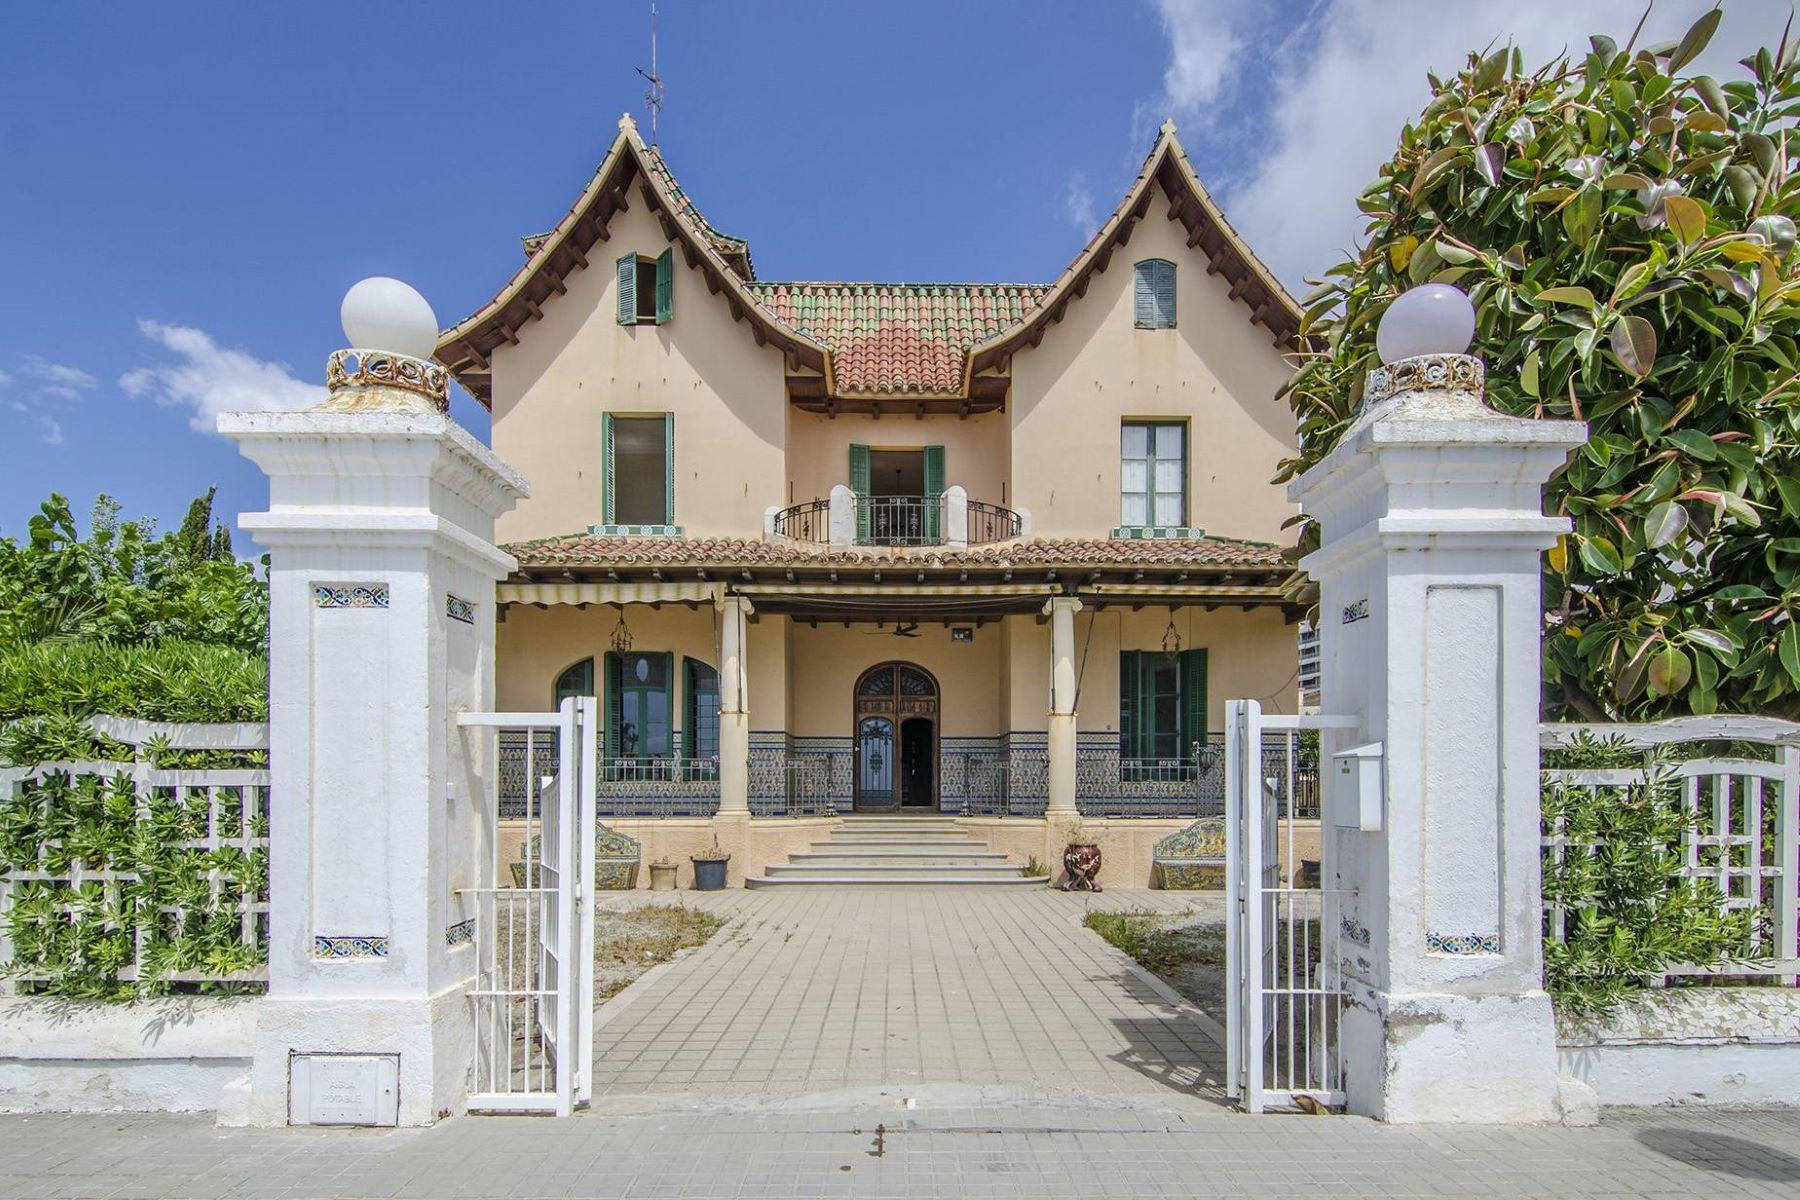 Casa Unifamiliar por un Venta en Colonial Style Sea Front Home in Sant Vicenç de Montalt Sant Andreu De Llavaneres, Barcelona, 08392 España